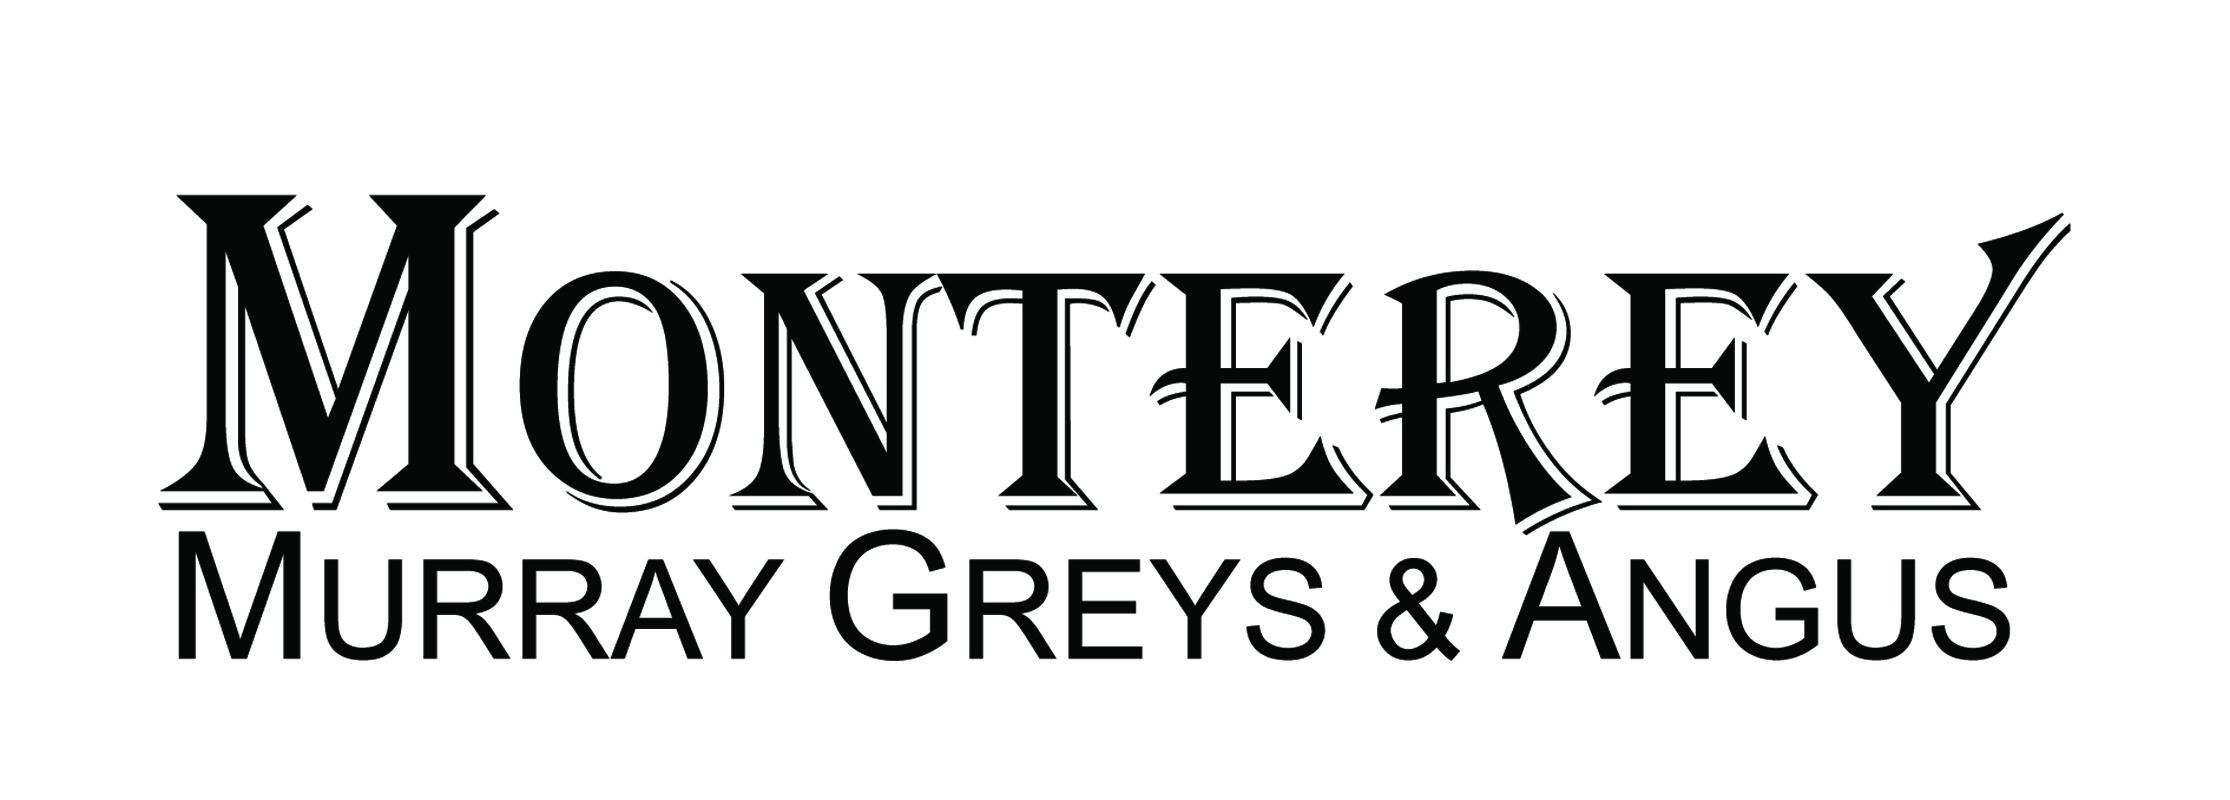 MONTEREY QUAID Q217E - UNREGISTERED